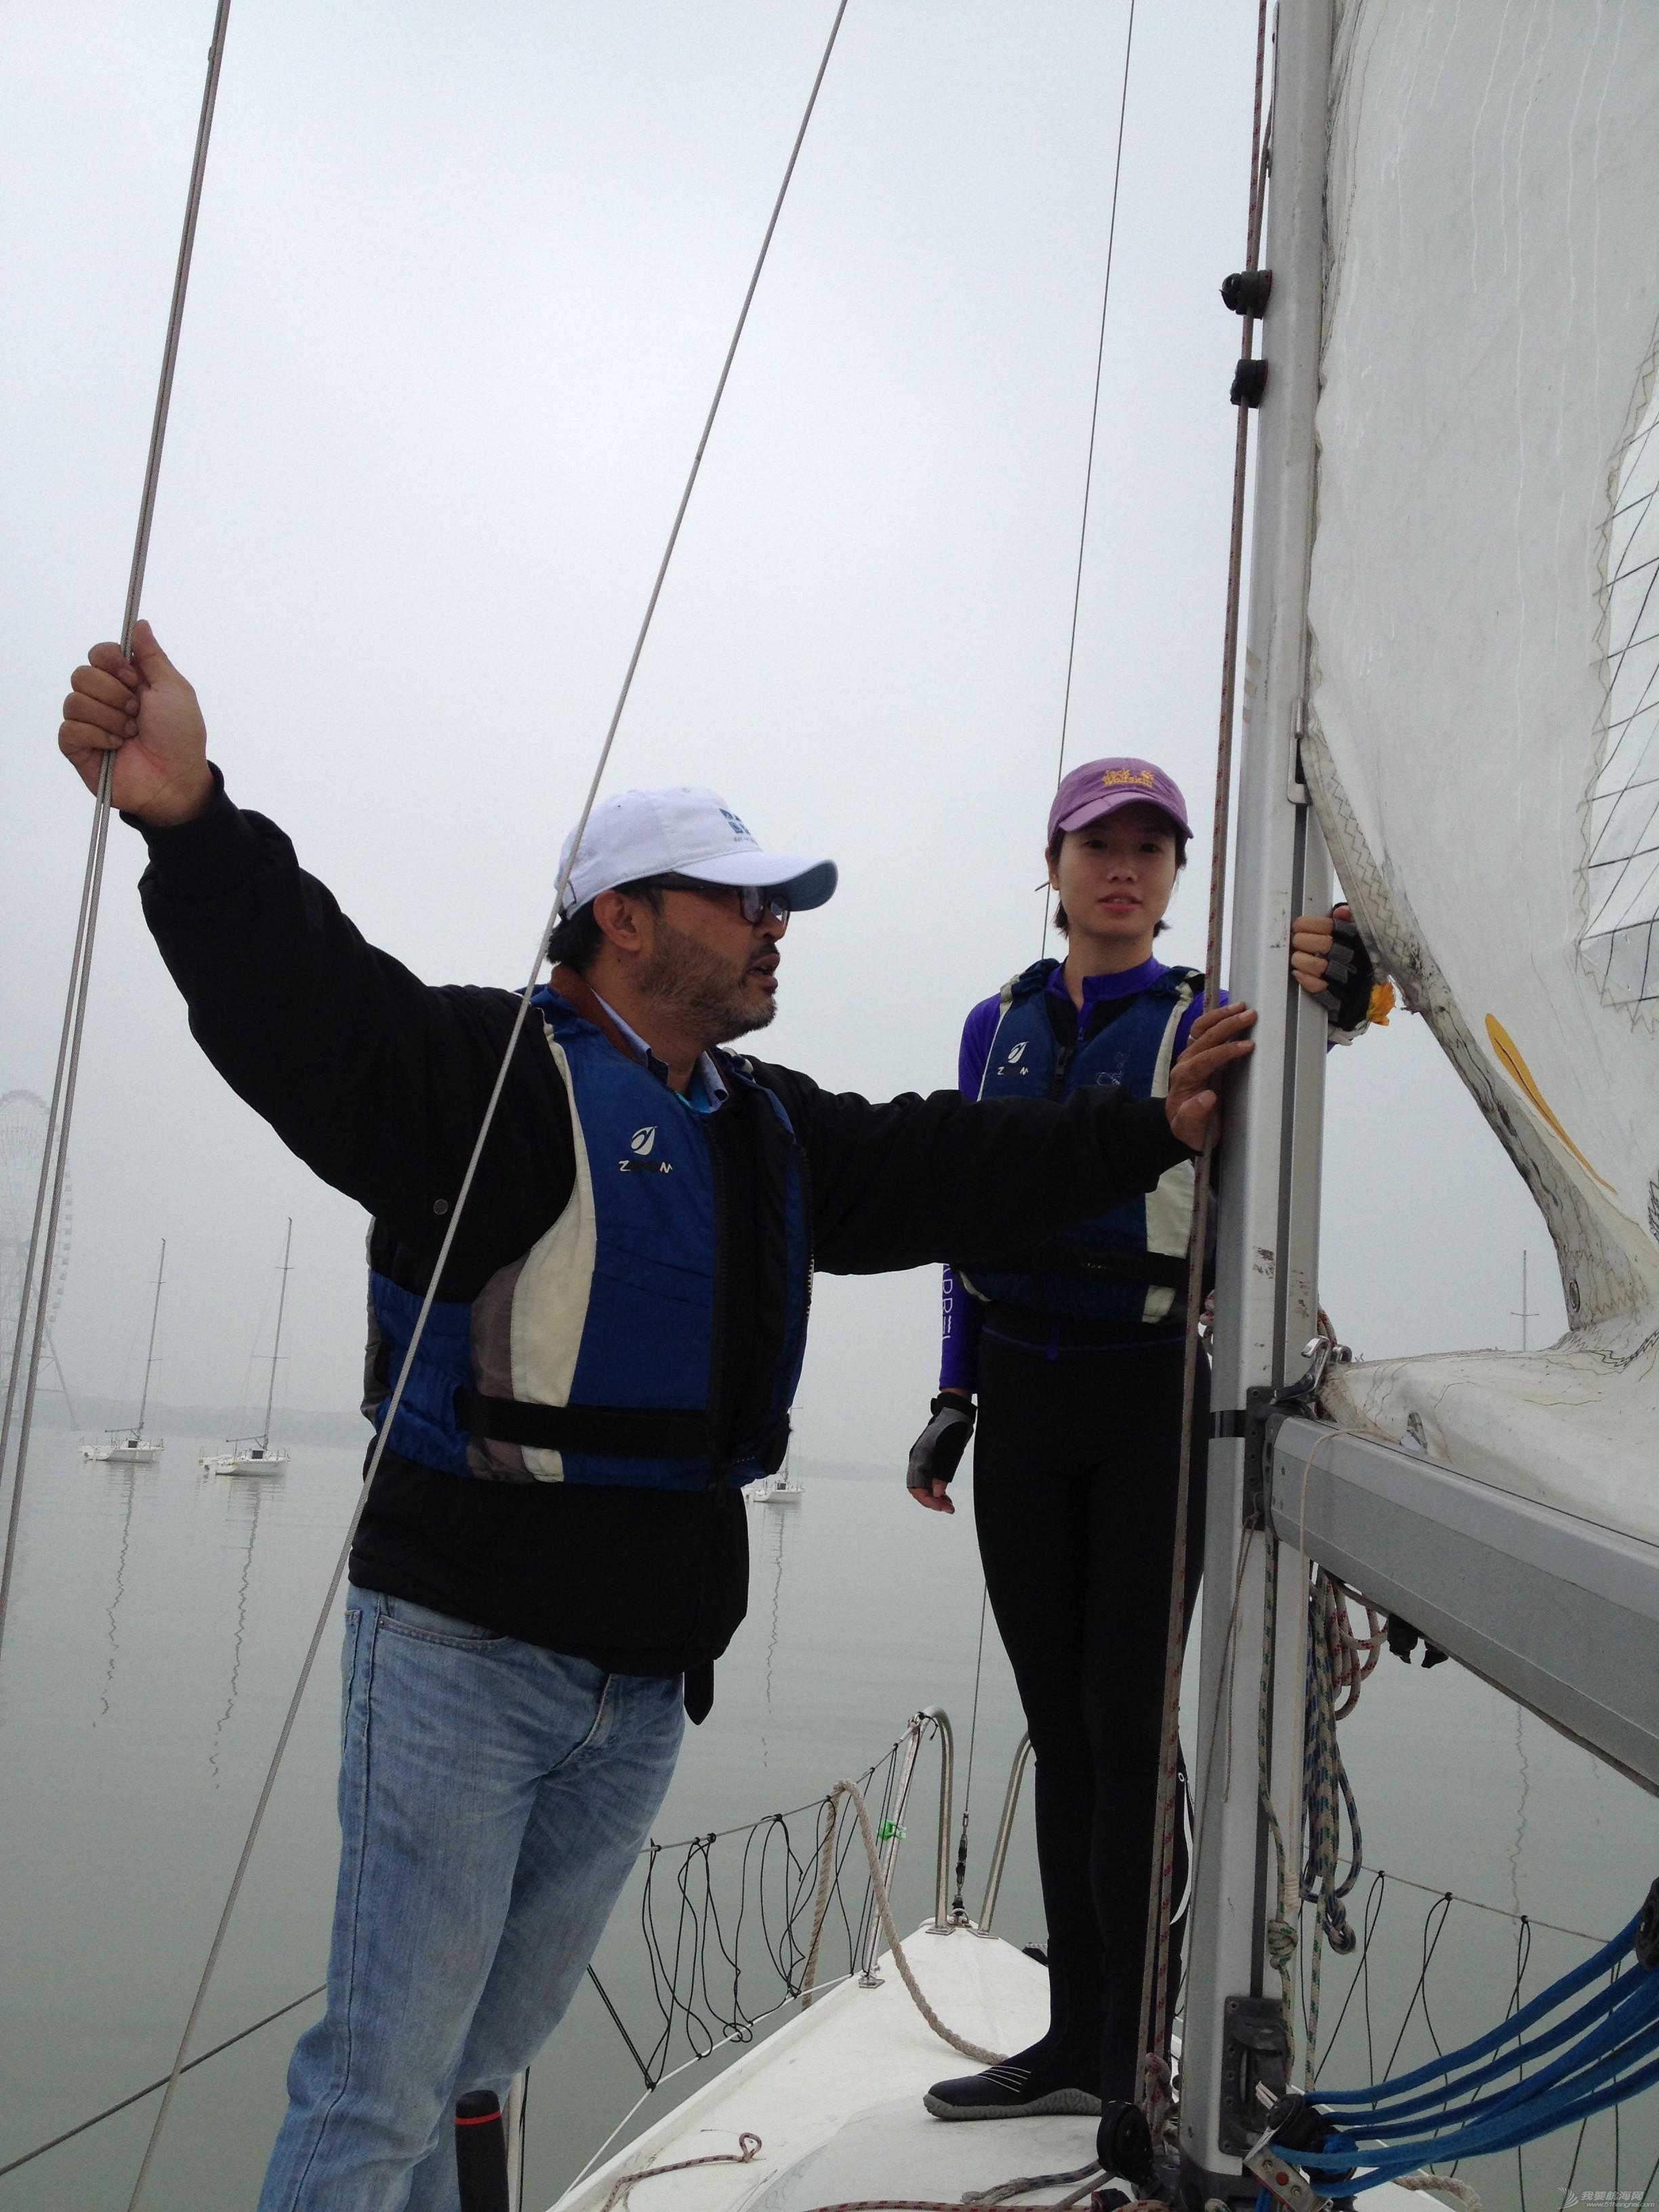 金鸡,苏州 苏州金鸡湖帆船赛-我的处女赛 IMG_2558.JPG